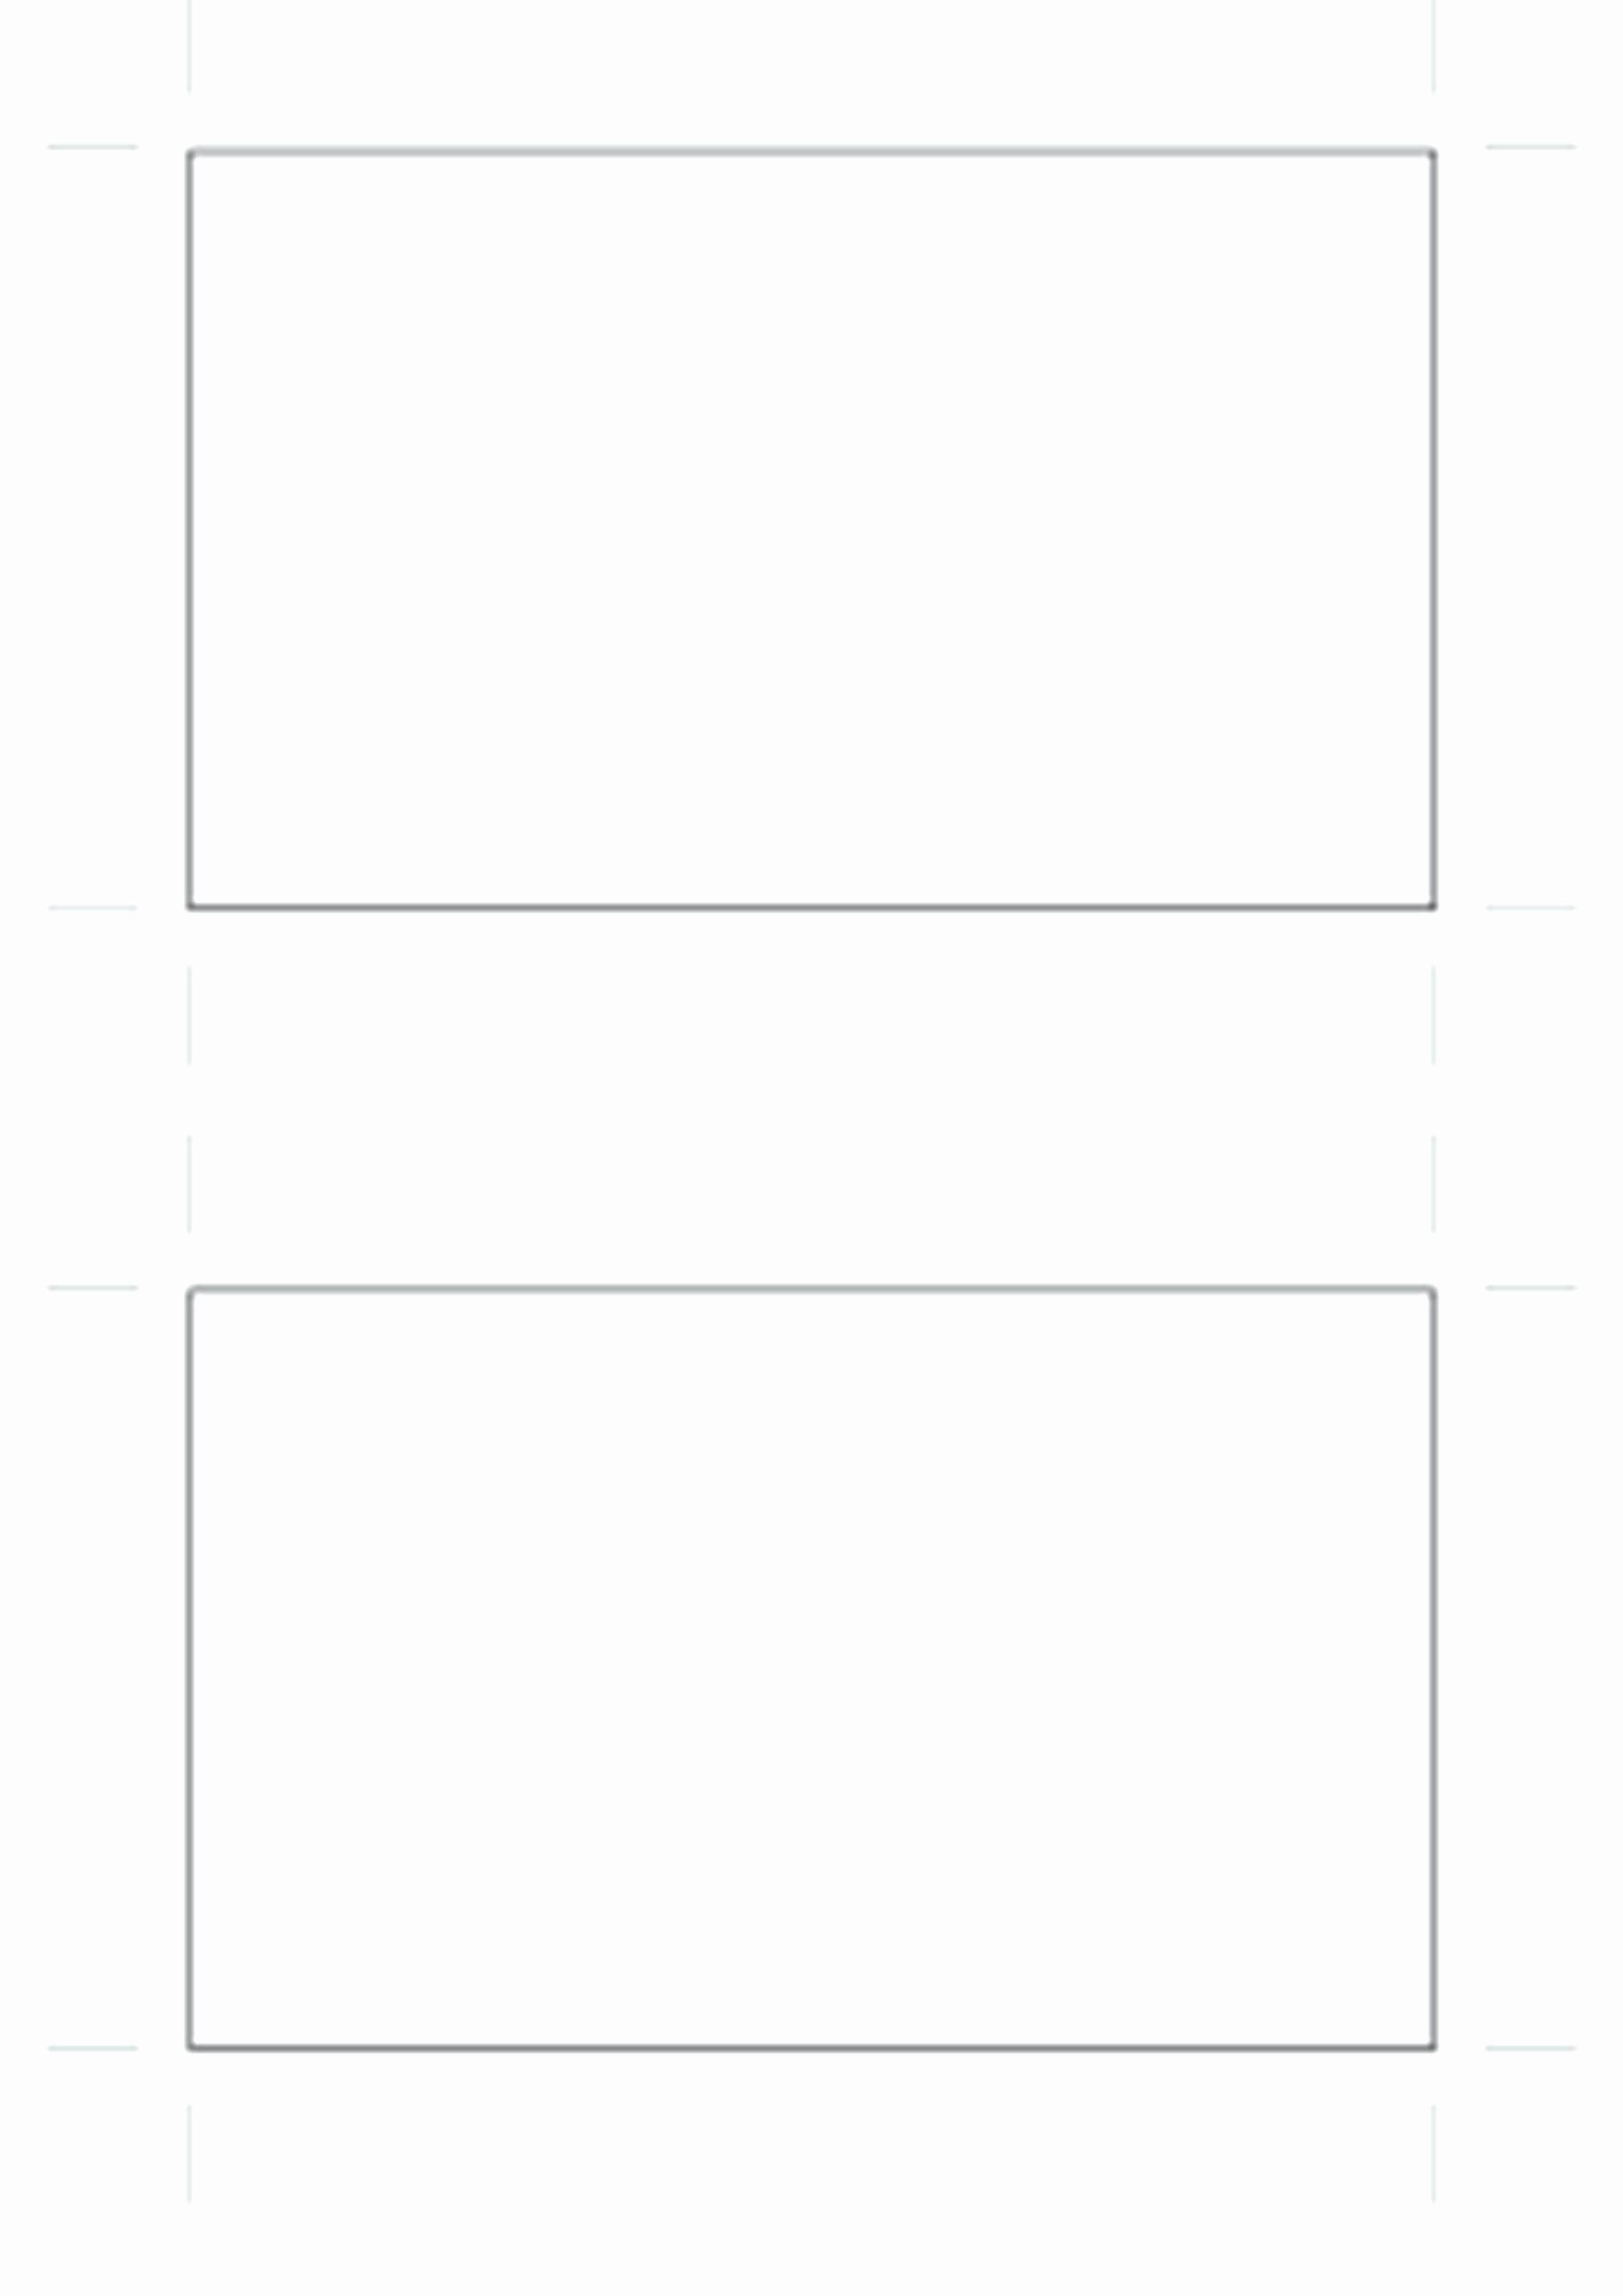 Business Card Template Word Doc Unique Plain Business Card Template Microsoft Word